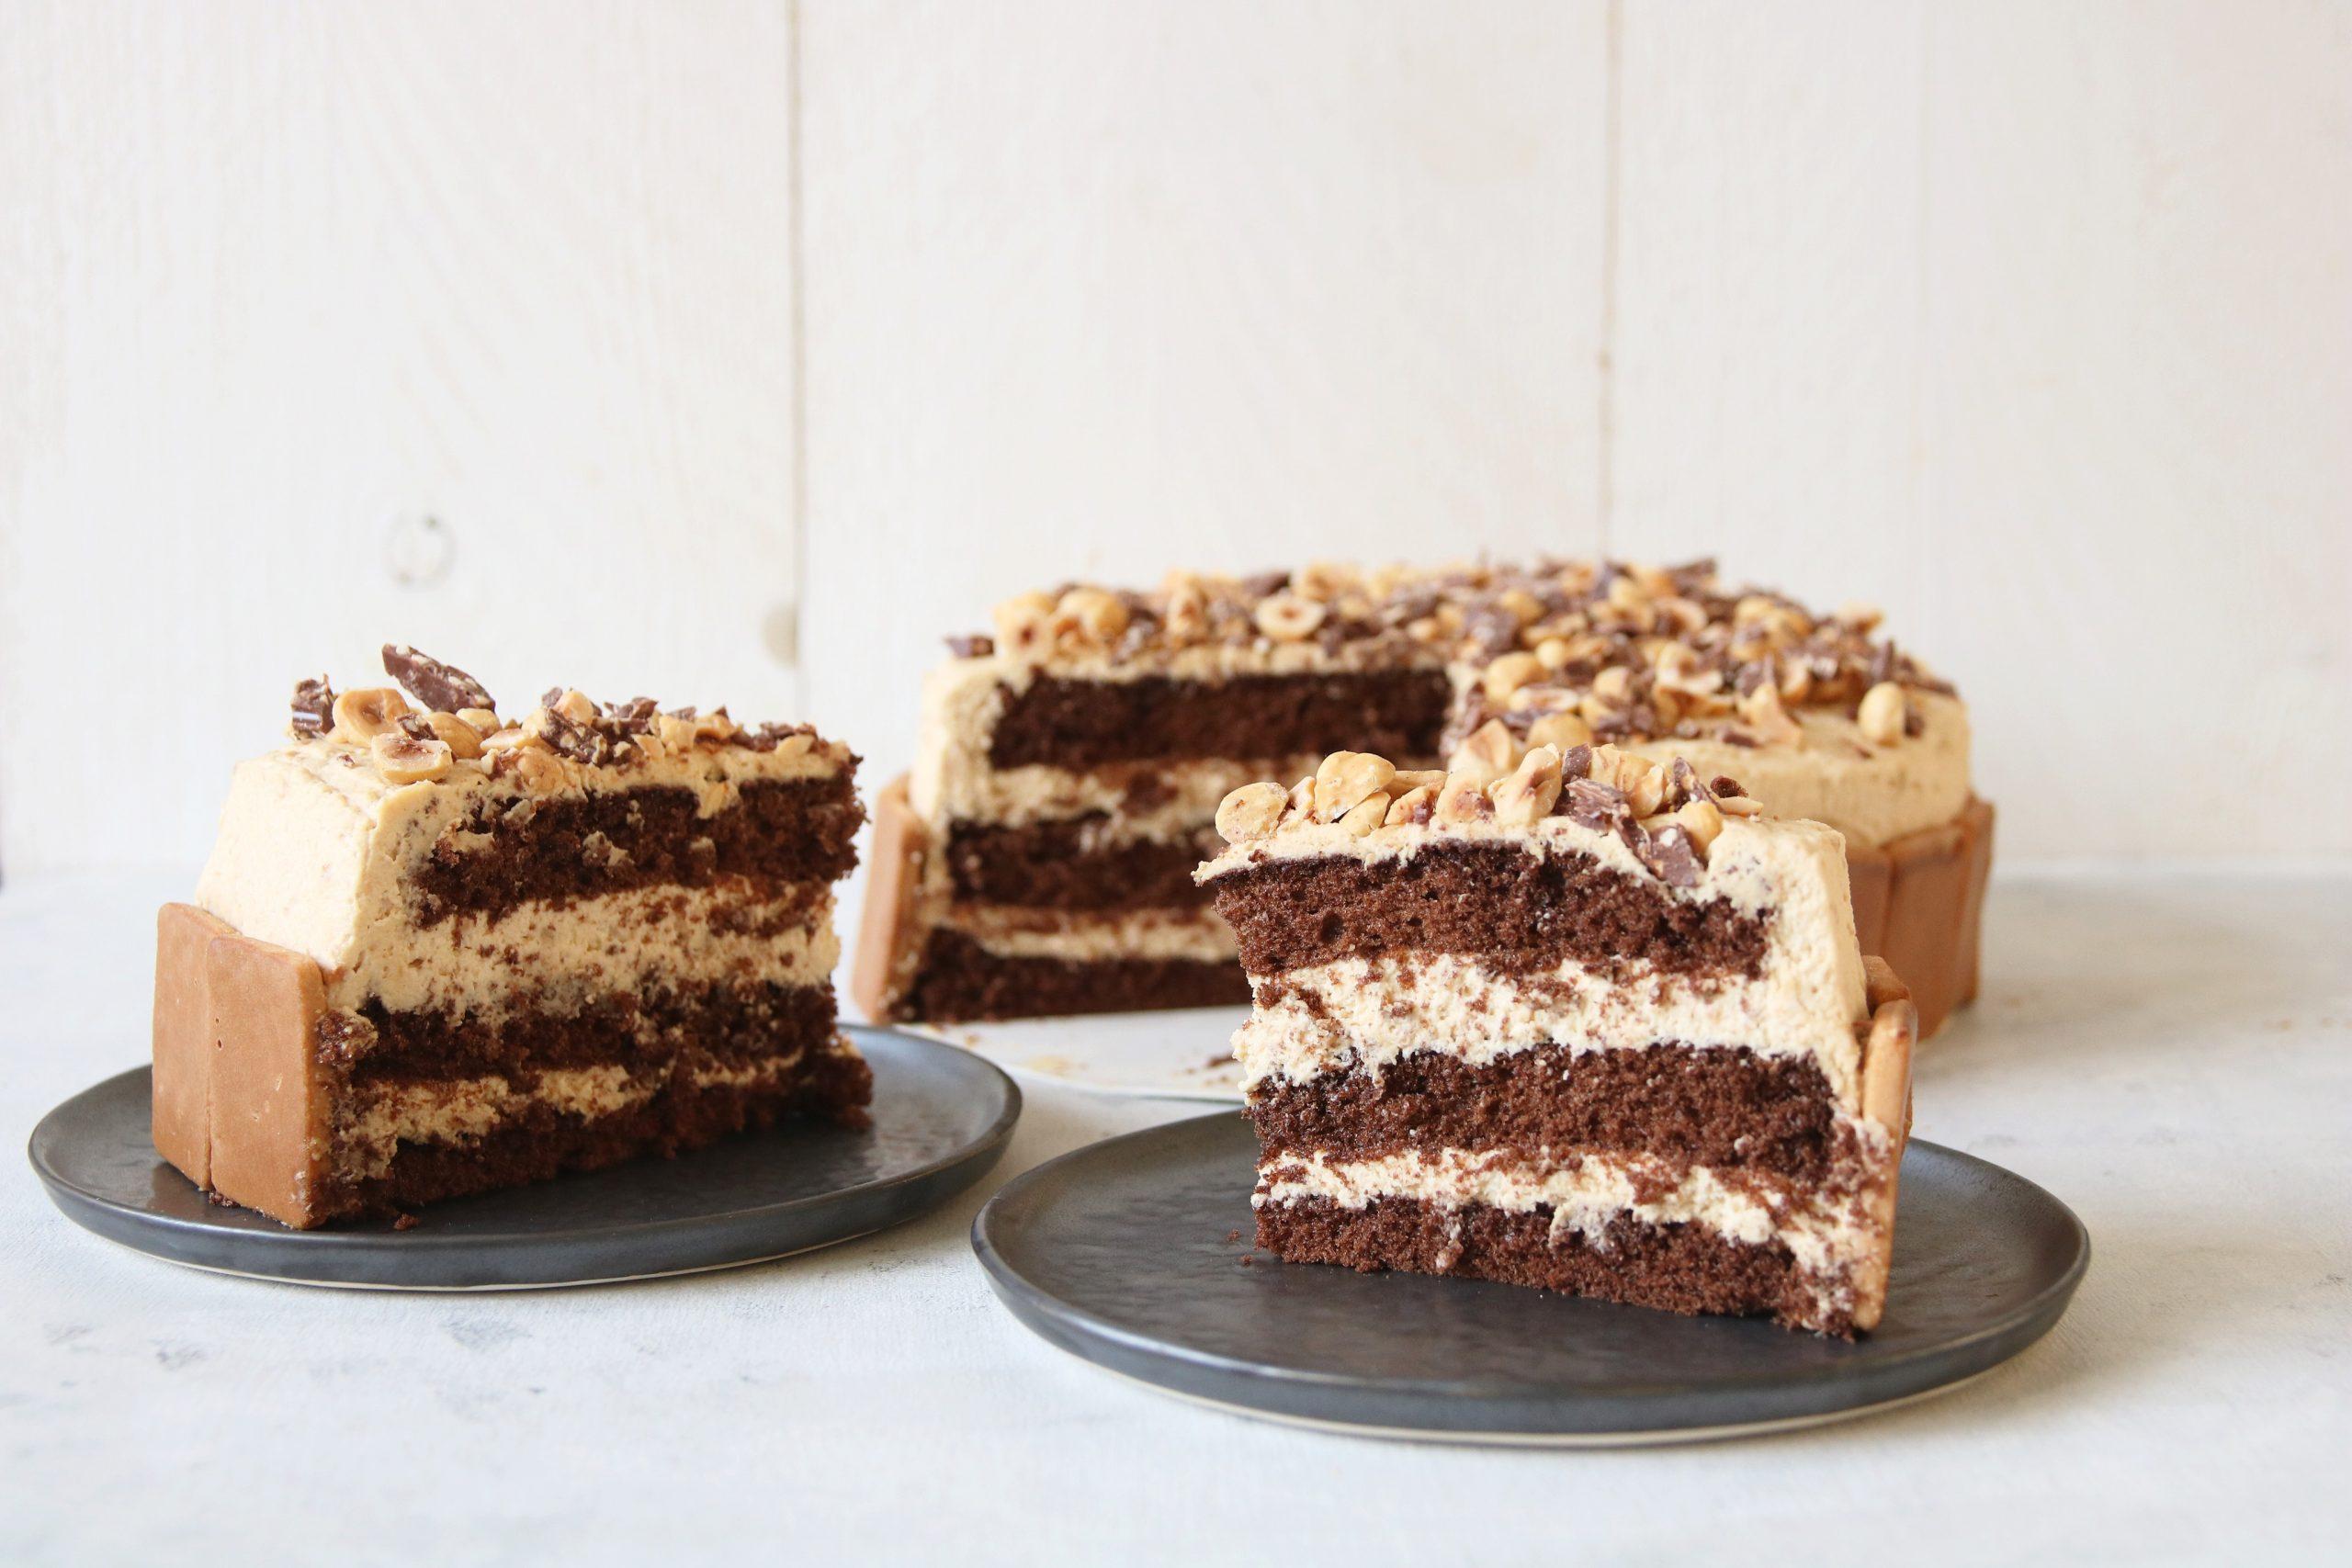 Chocoladetaart met speculoos slagroom en hazelnoten